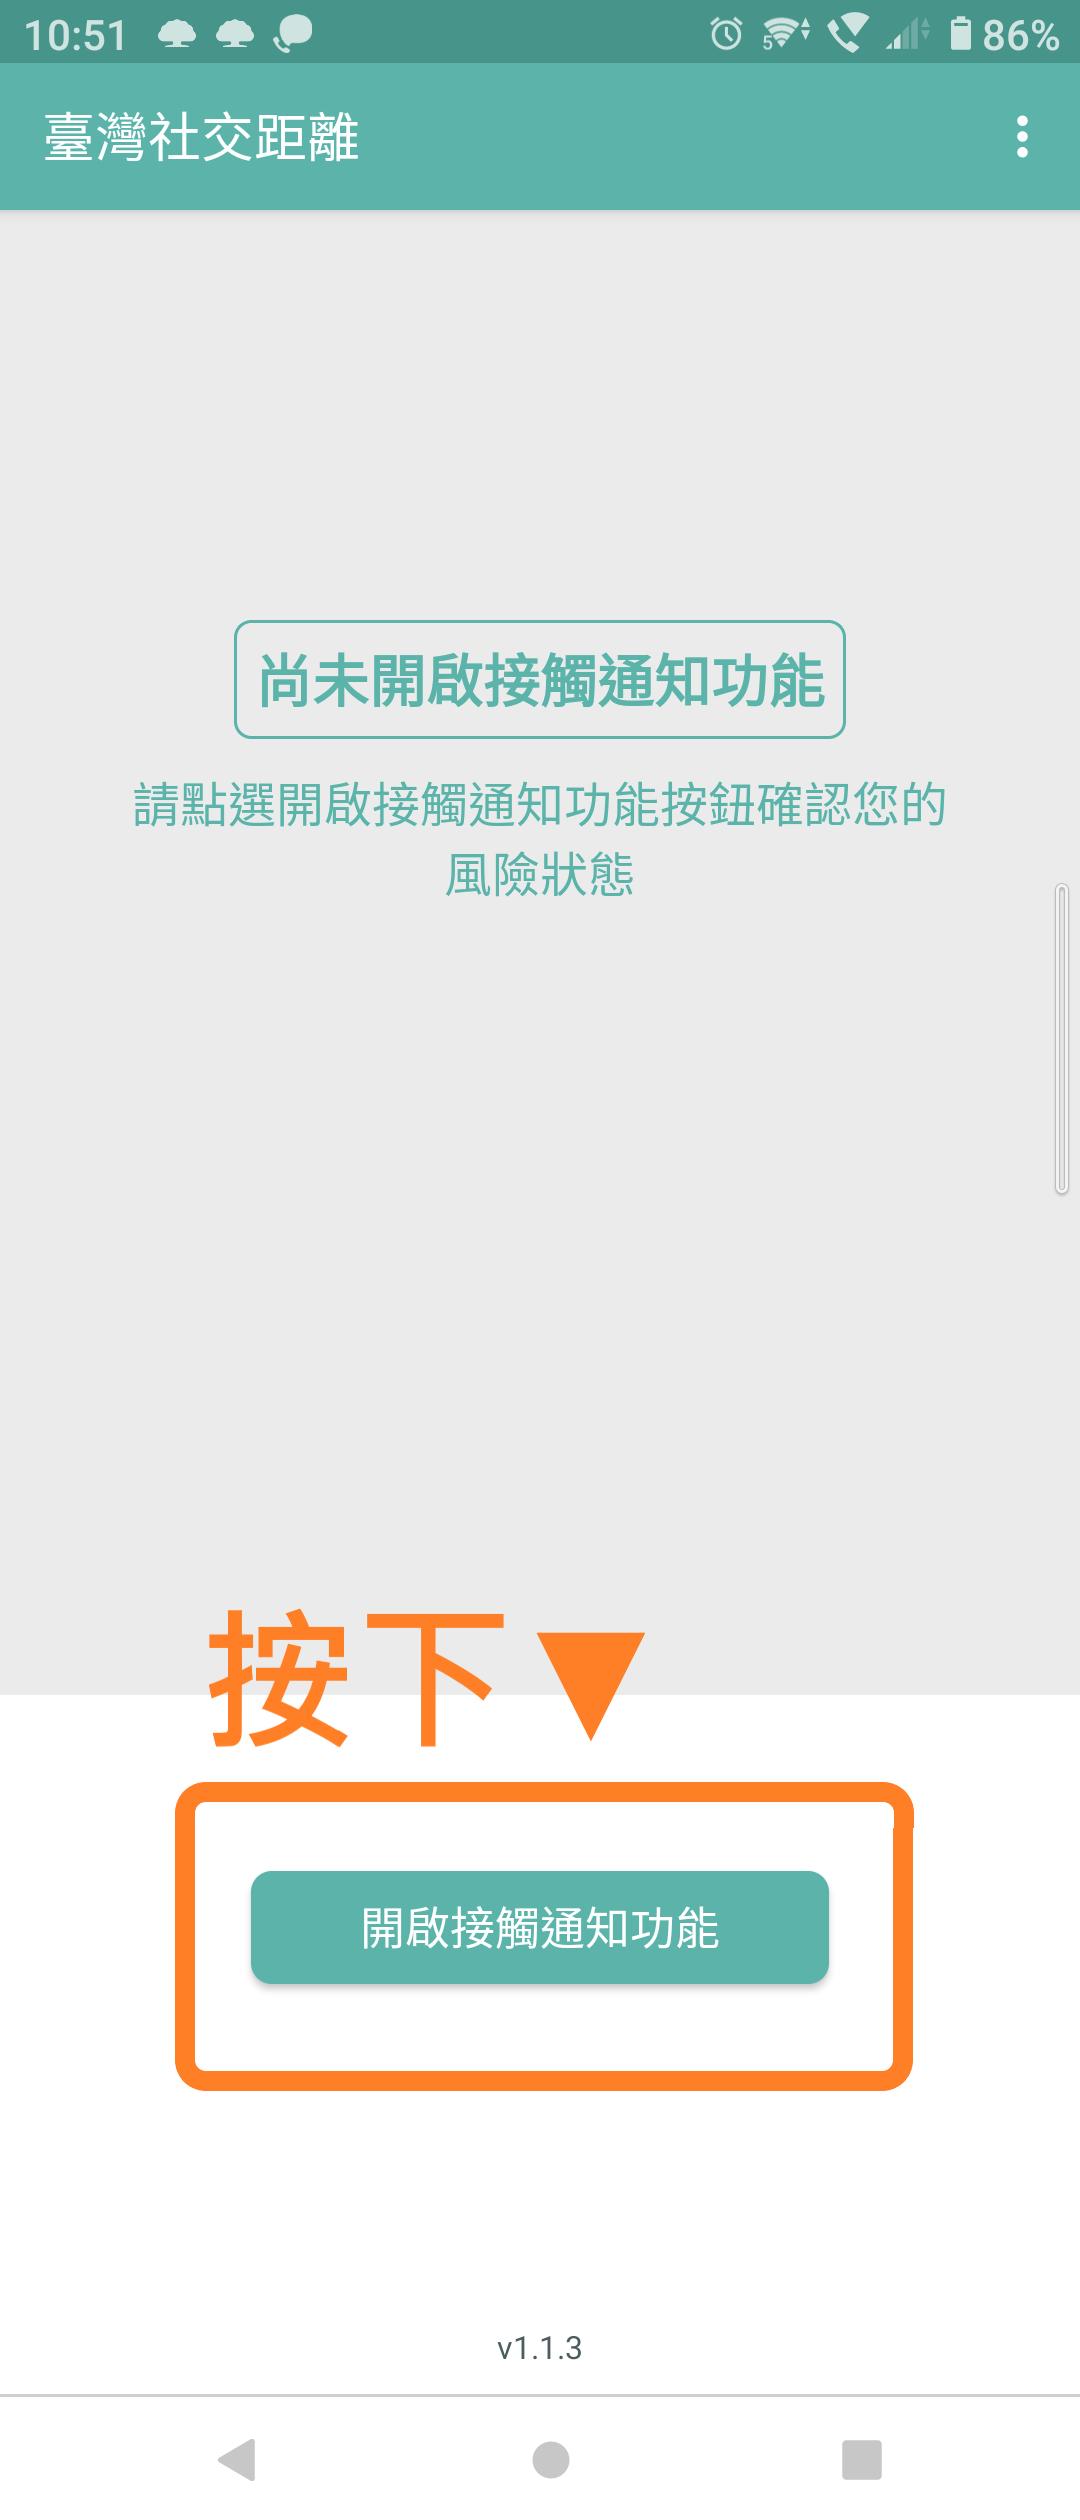 啟用科技防疫!台灣社交距離 APP 快速上手  - 7